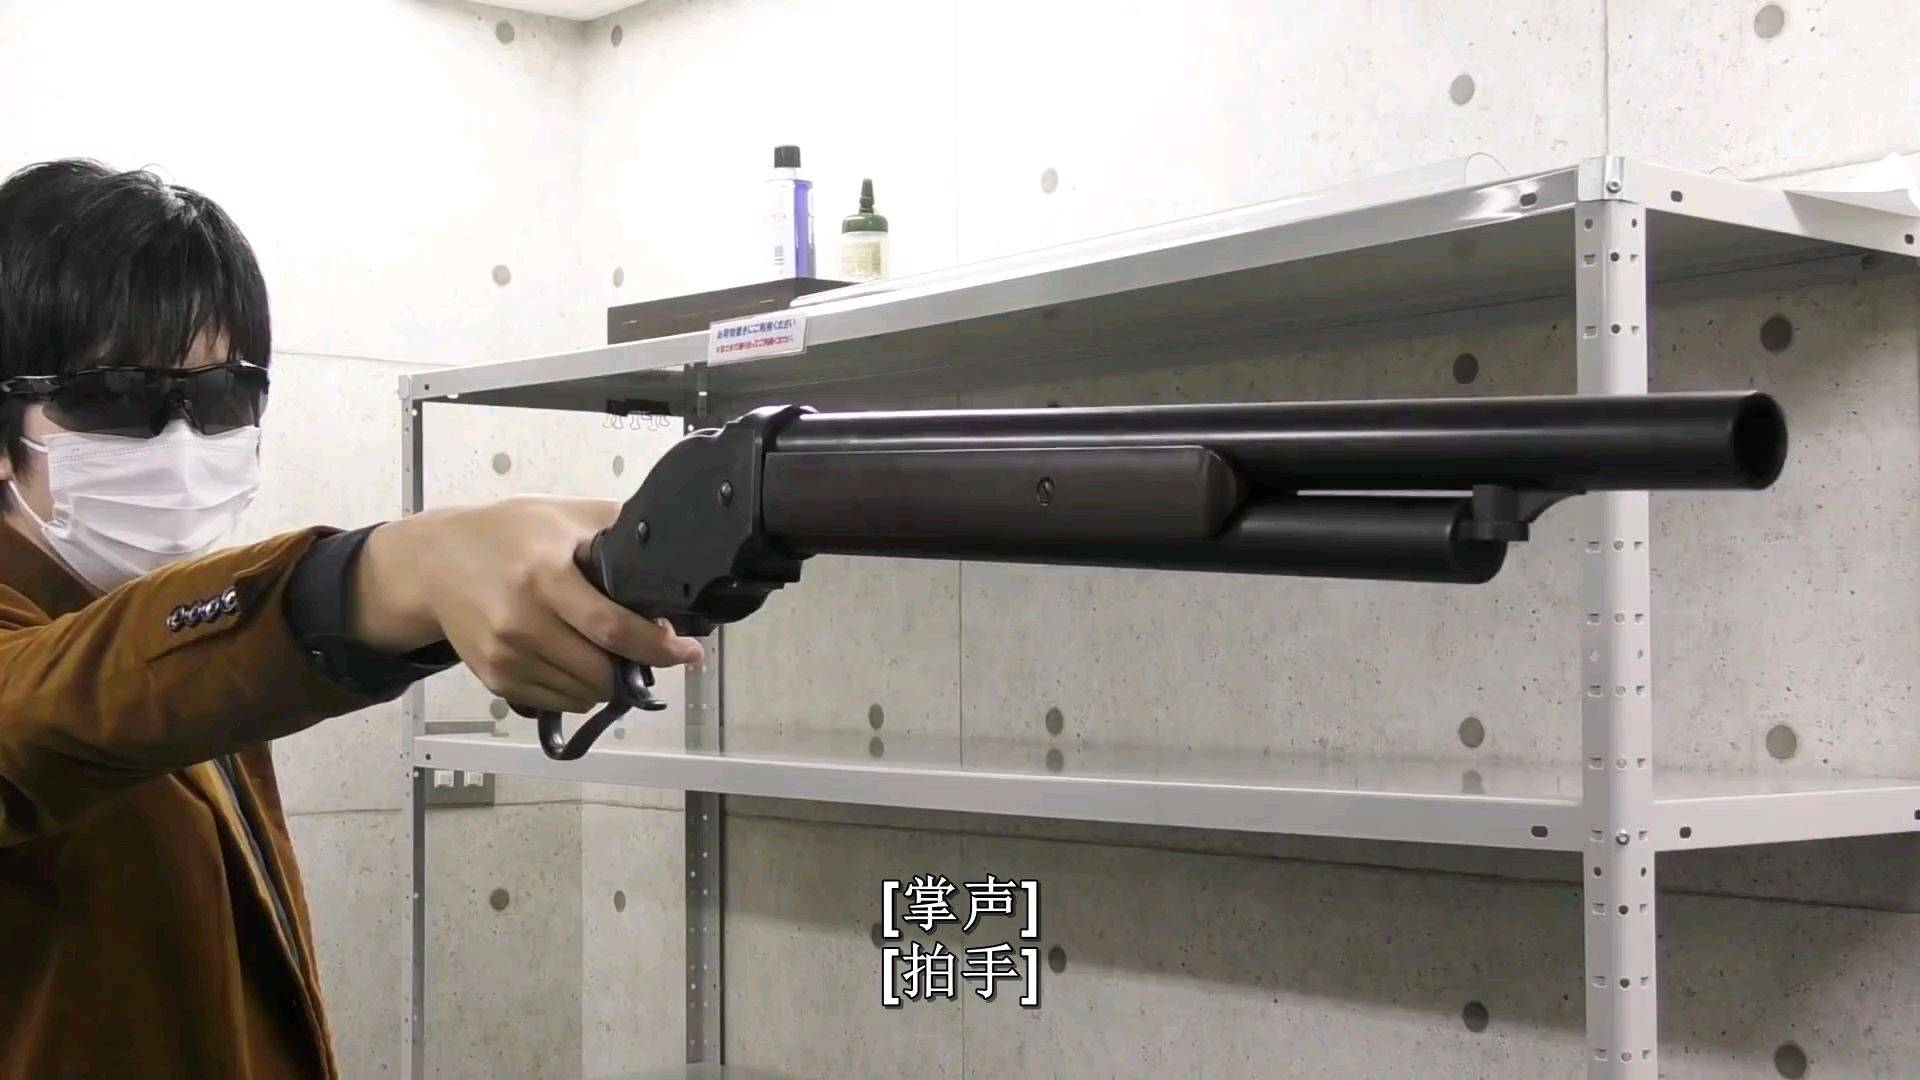 [油管搬运]终结者2同款温彻斯特M1887 8MM玩具枪